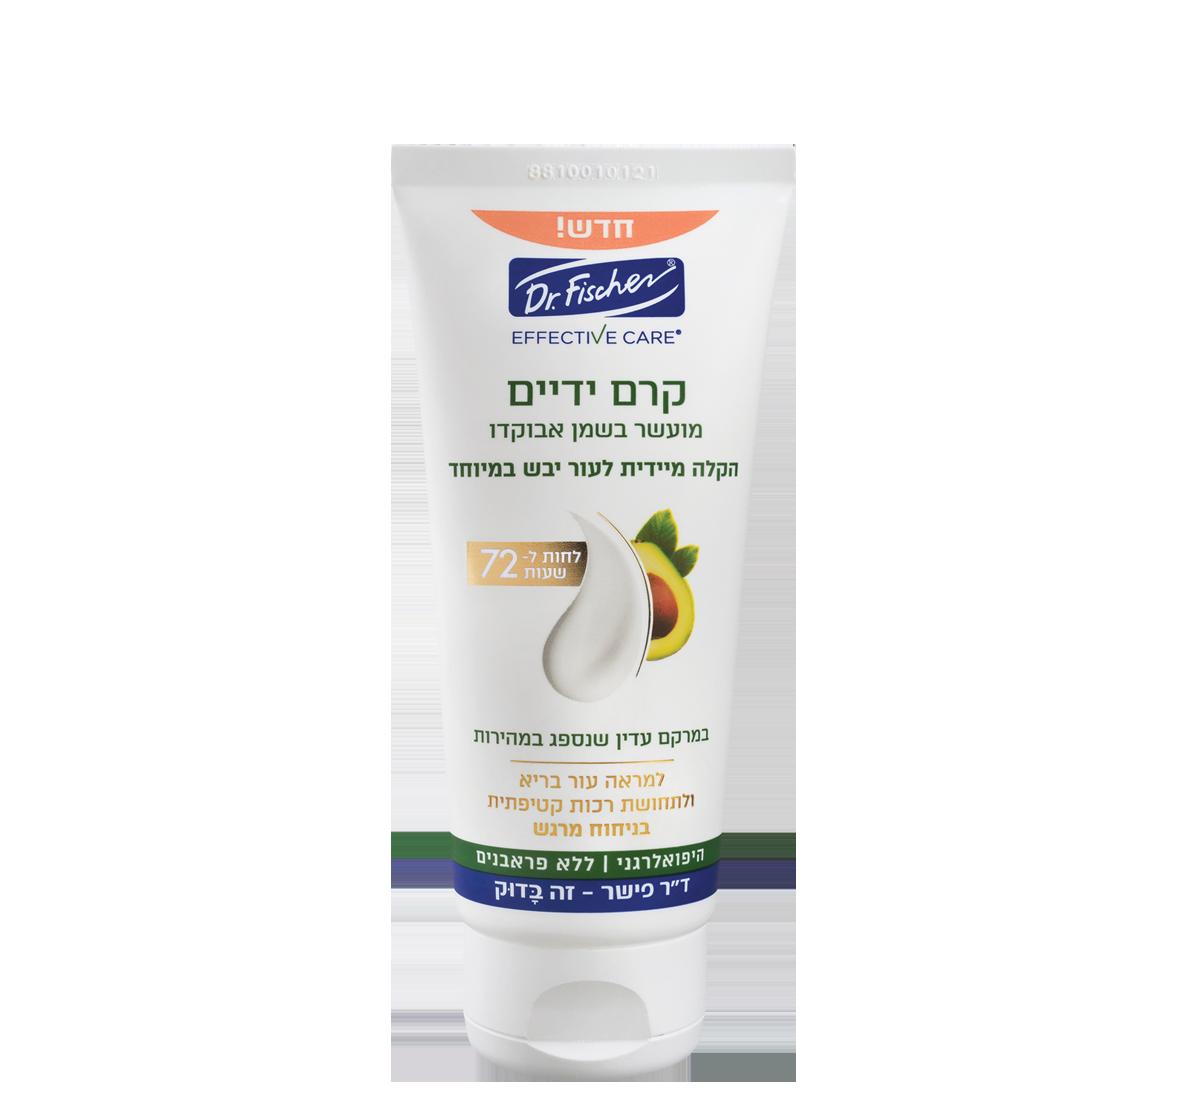 E_e-c_oils_hand-cream_avocado_1184x1104